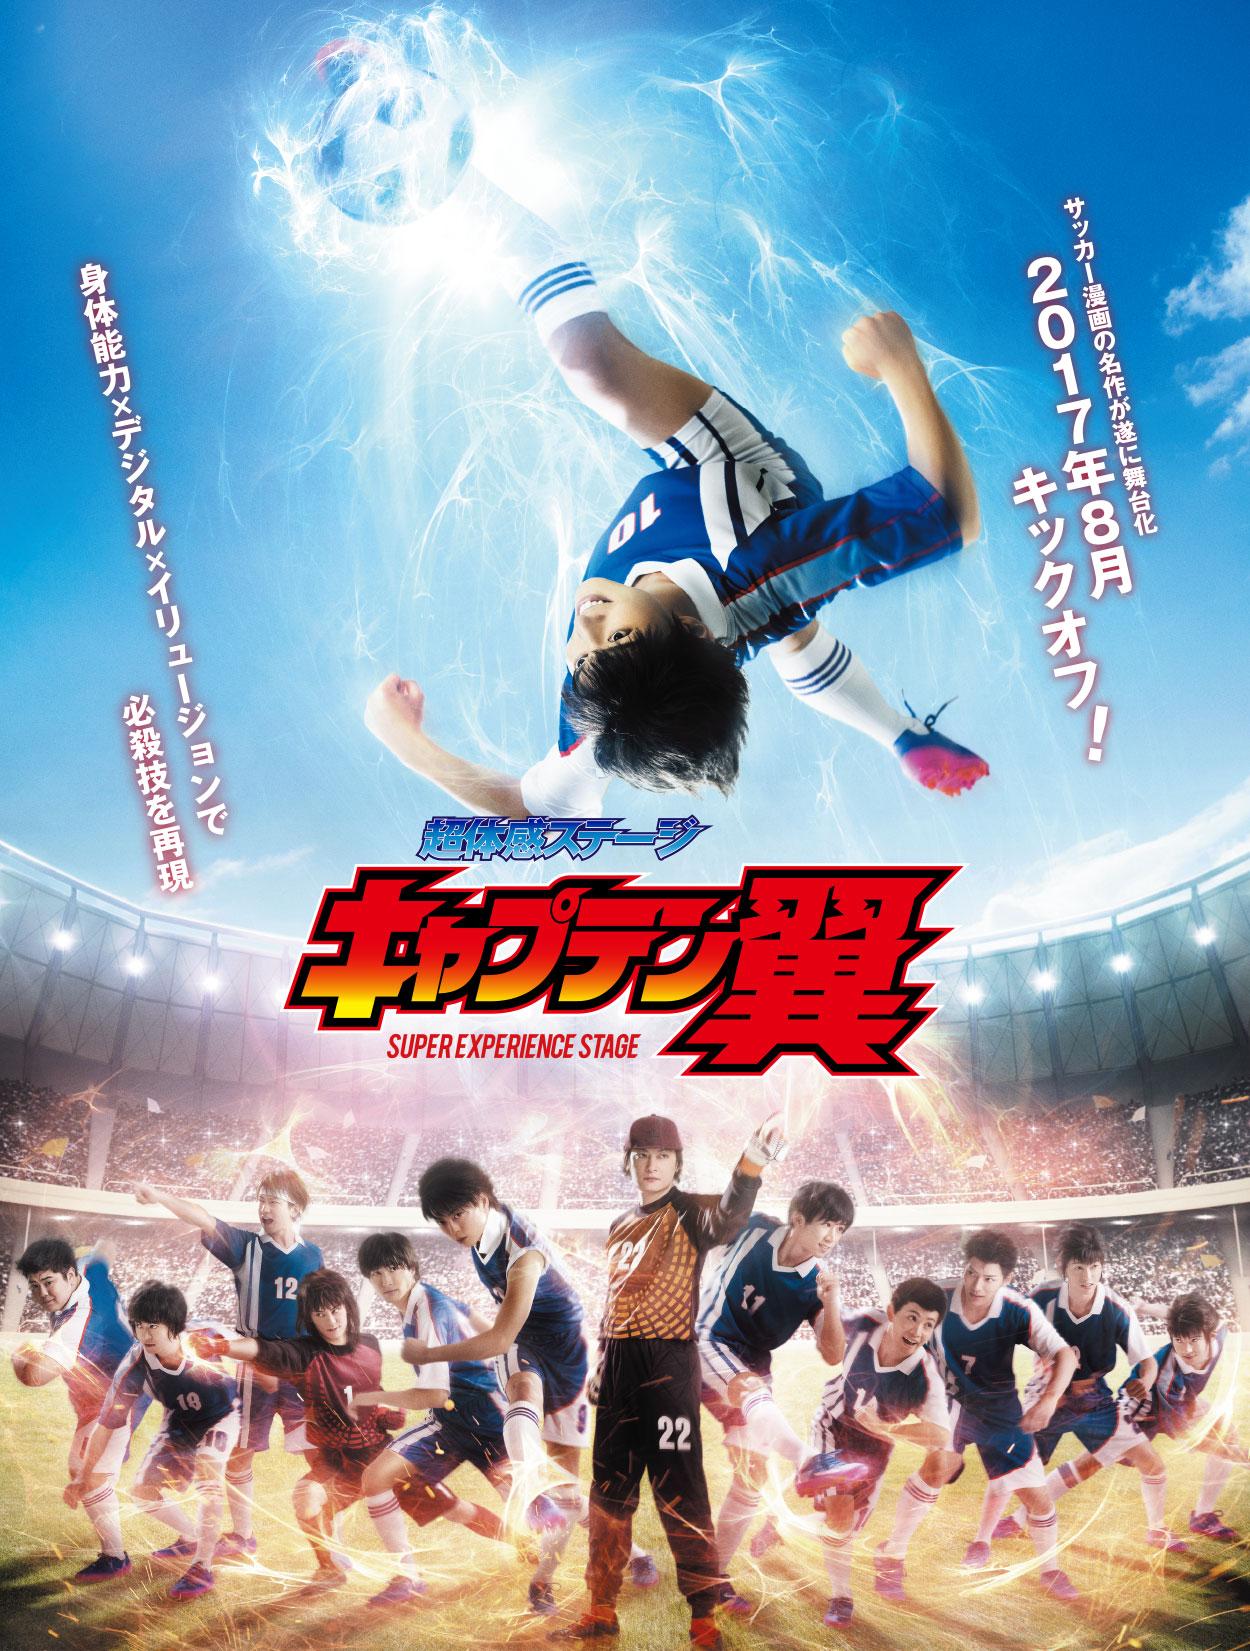 有名サッカーマンガ『キャプテン翼』が舞台化!? ディザービジュアル公開!